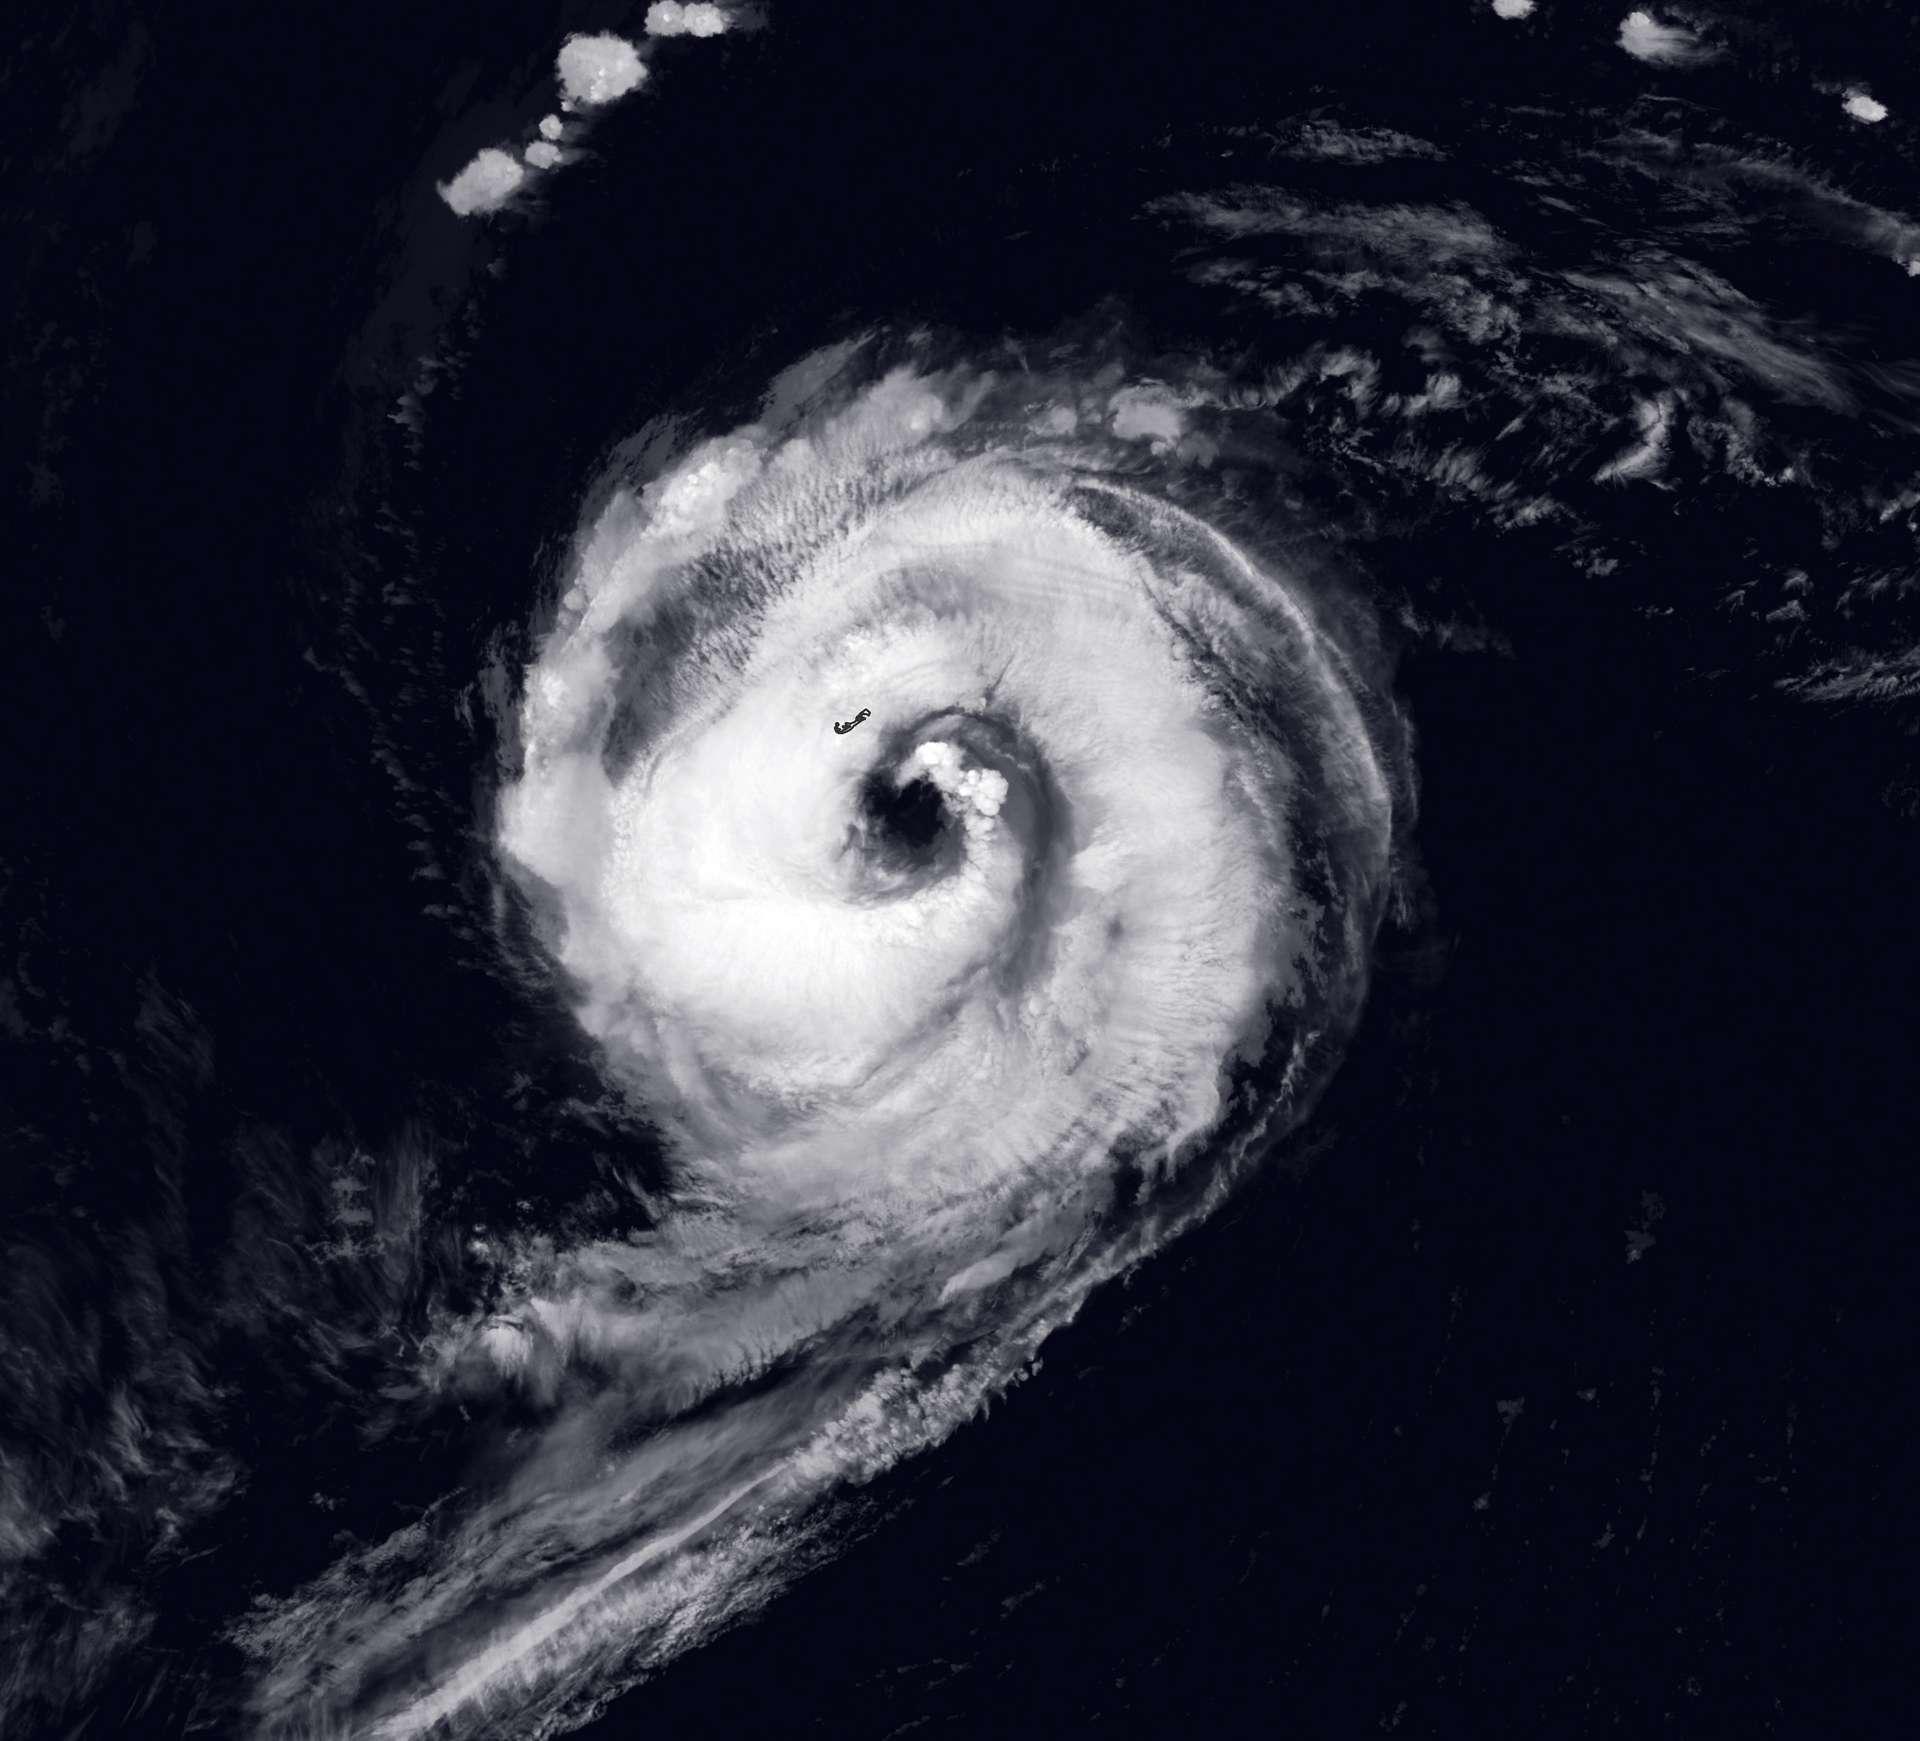 L'ouragan Paulette, qui a touché les Bermudes le 14 septembre, s'est éteint pendant cinq jours avant de regagner son statut de tempête tropicale. © Nasa